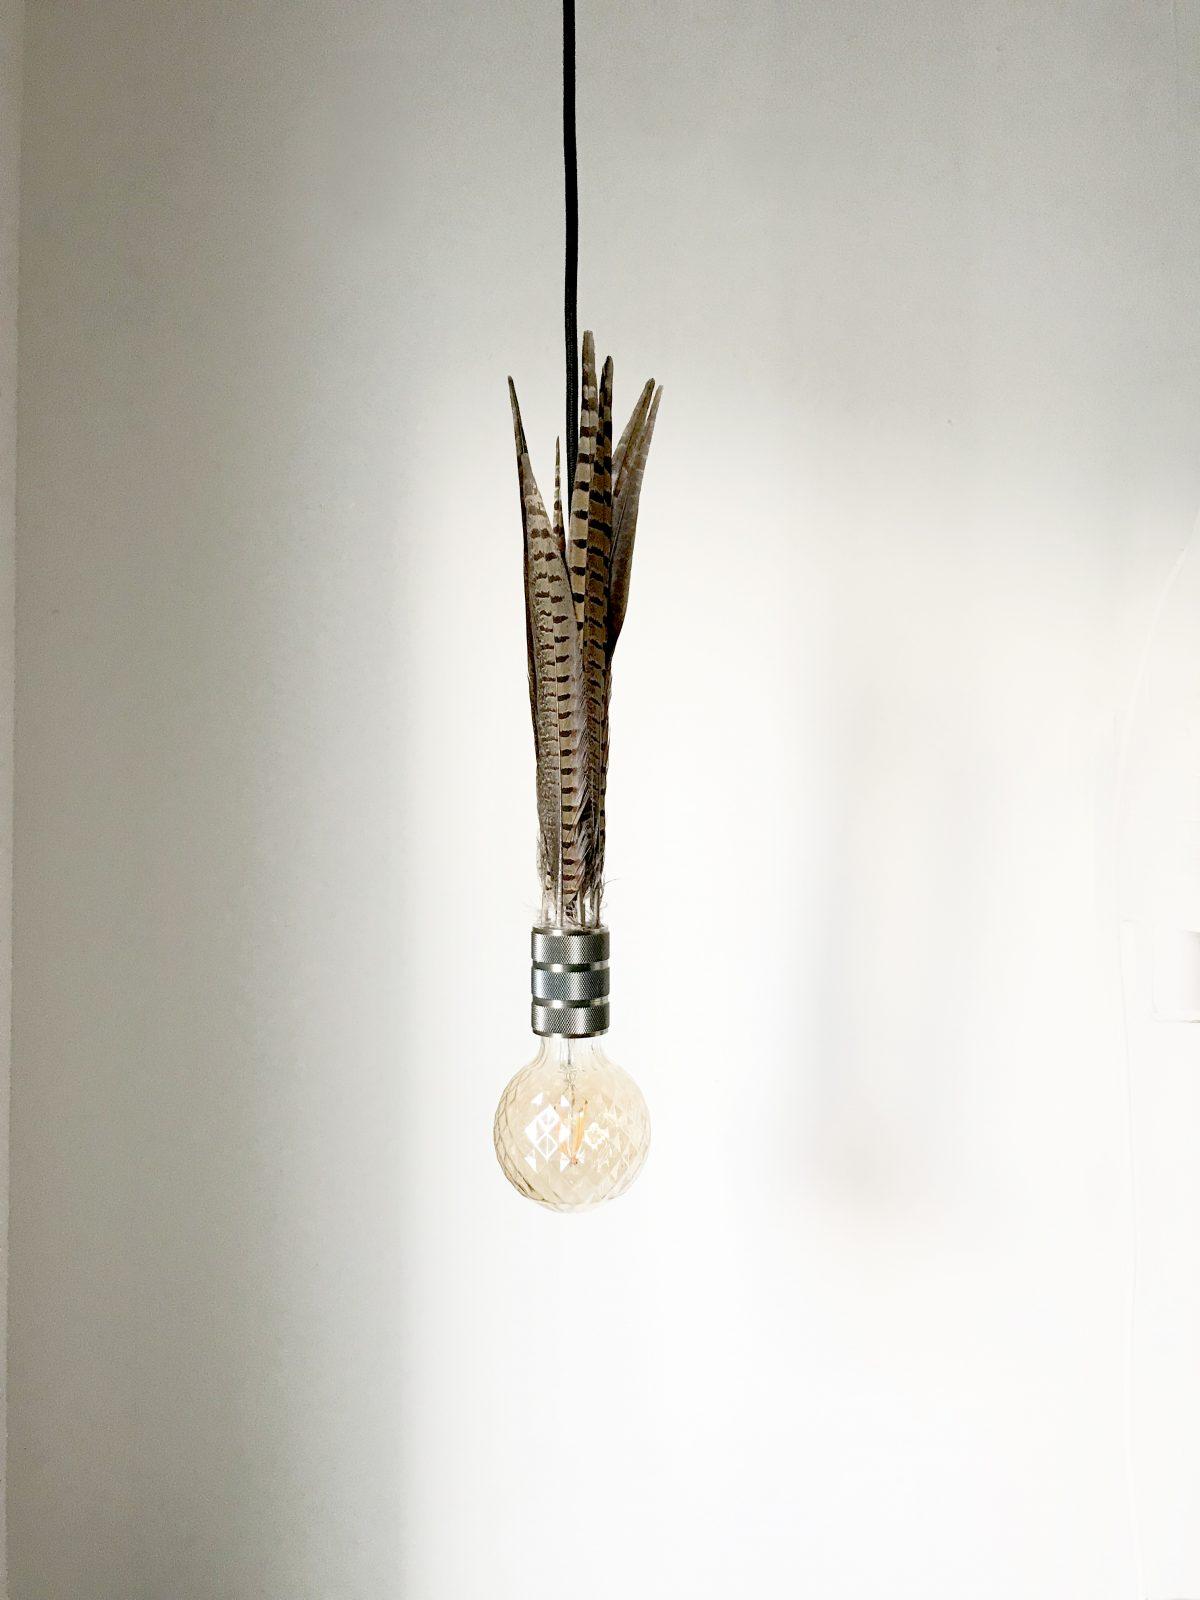 feather_lamp_koen_venneman_neok_design_1_uit